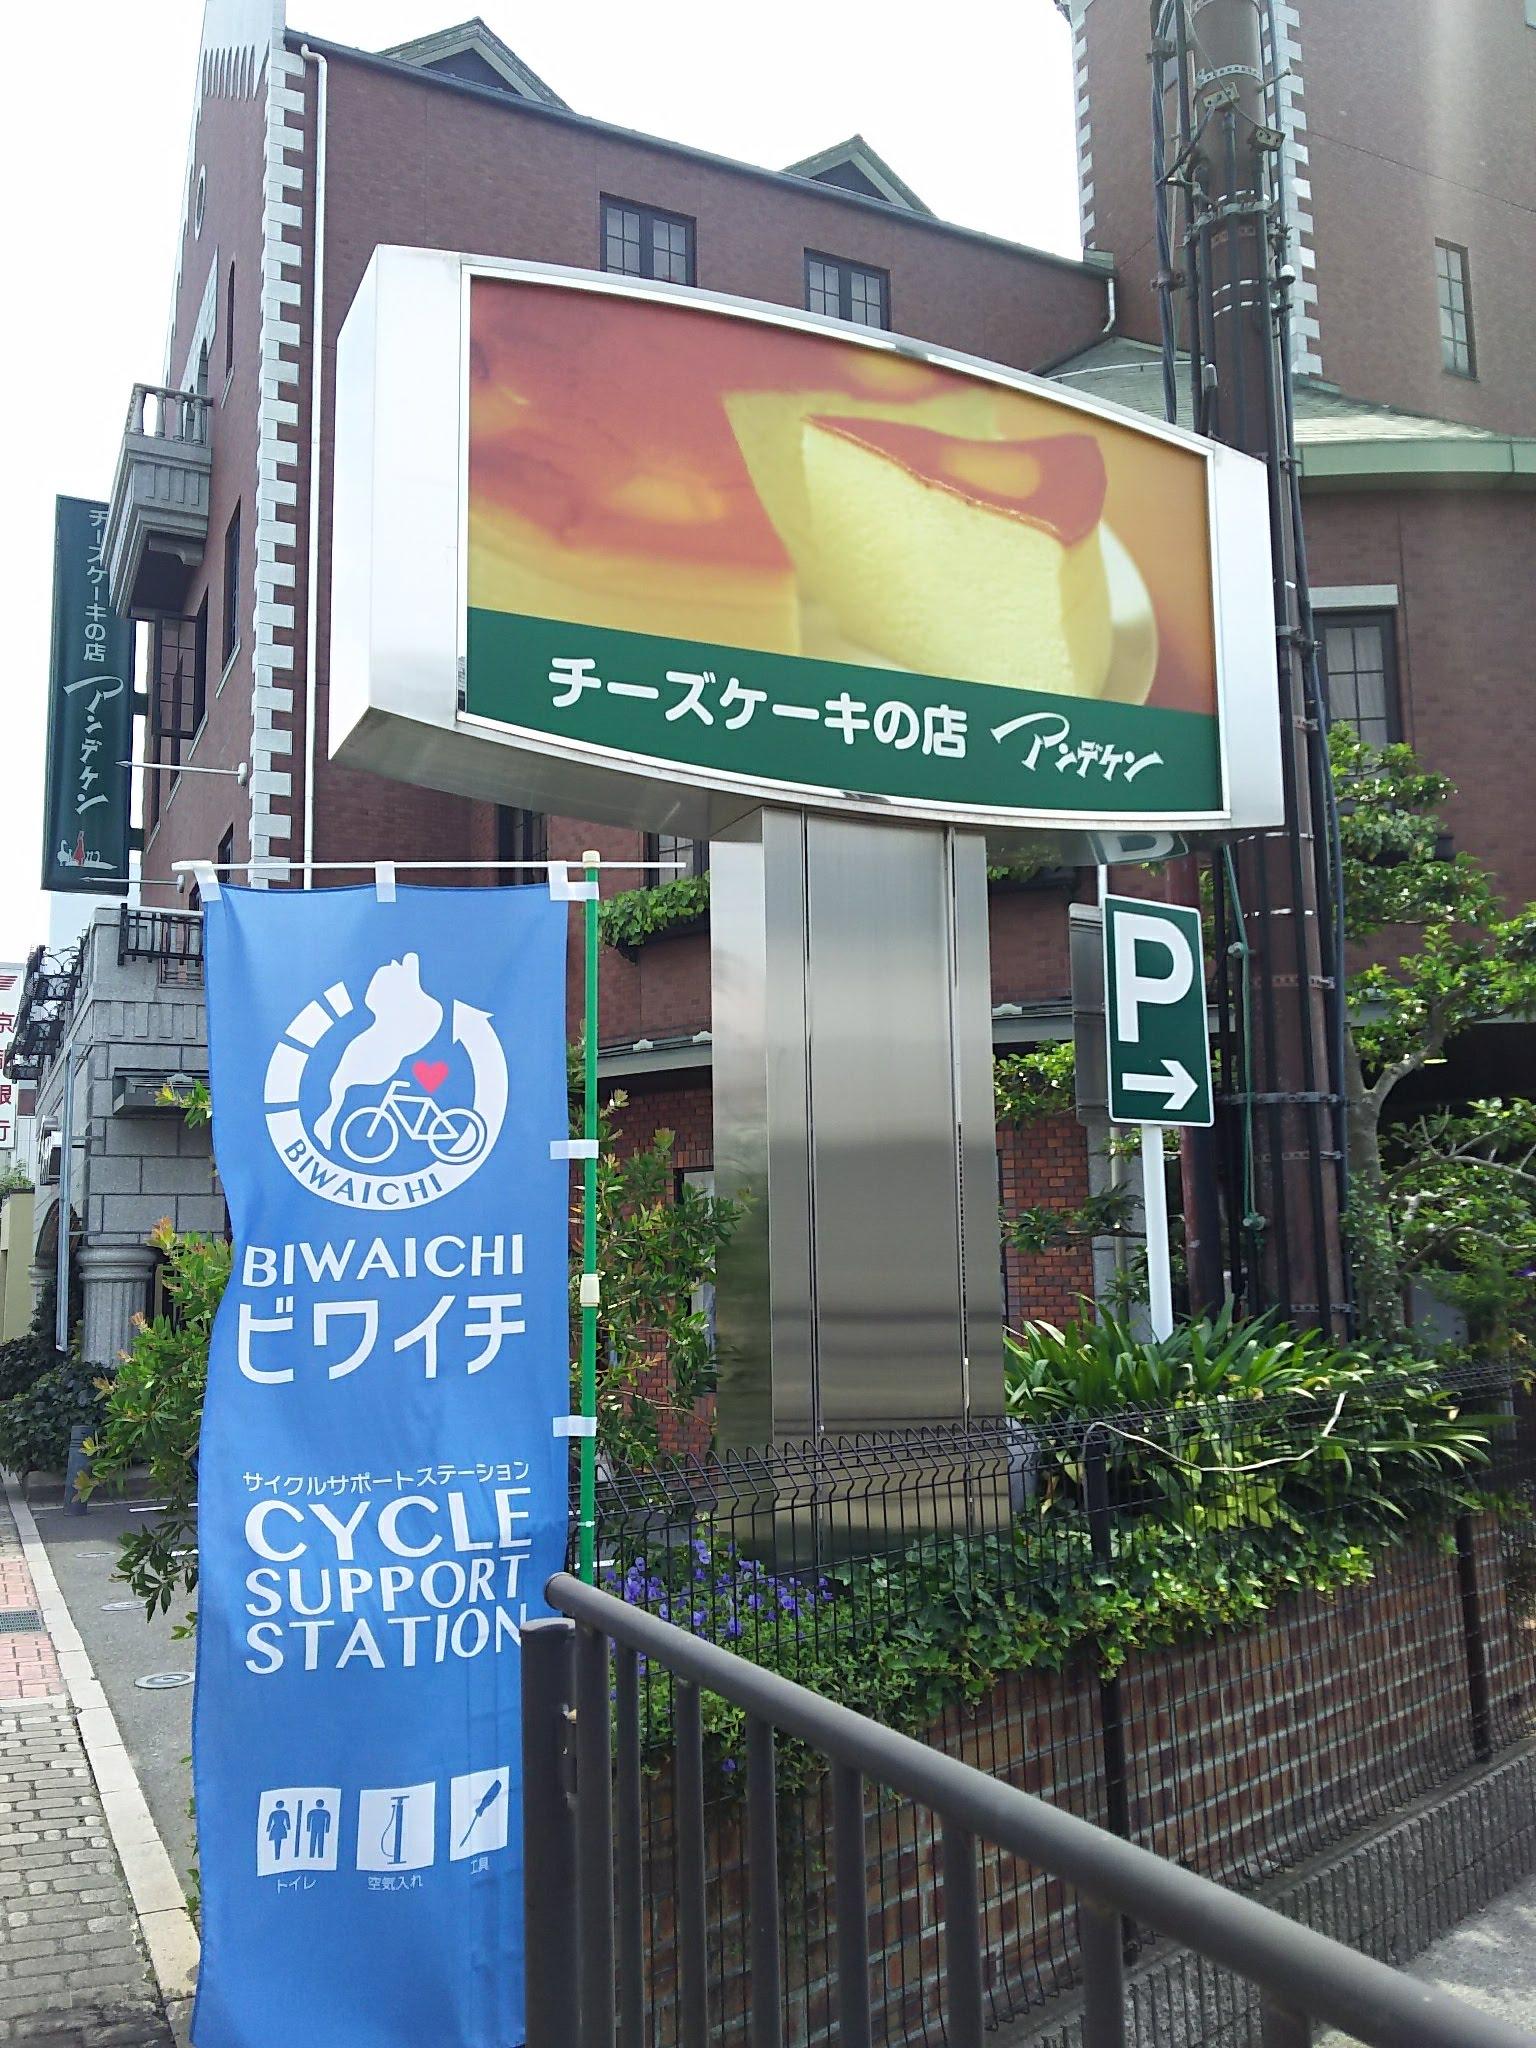 ビワイチ_サイクルサポートステーション